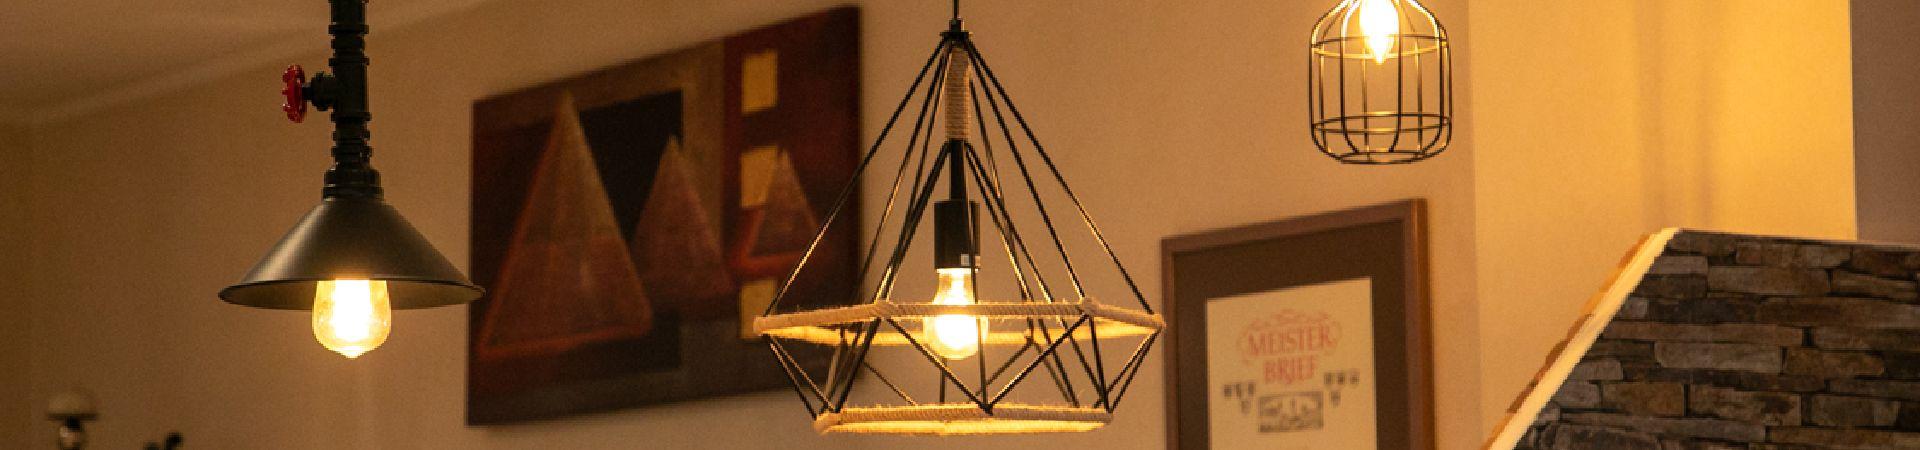 Beleuchtung, Industriebeleuchtung,  Innenbeleuchtung, Außenbeleuchtung, Einbaustrahler, Spots